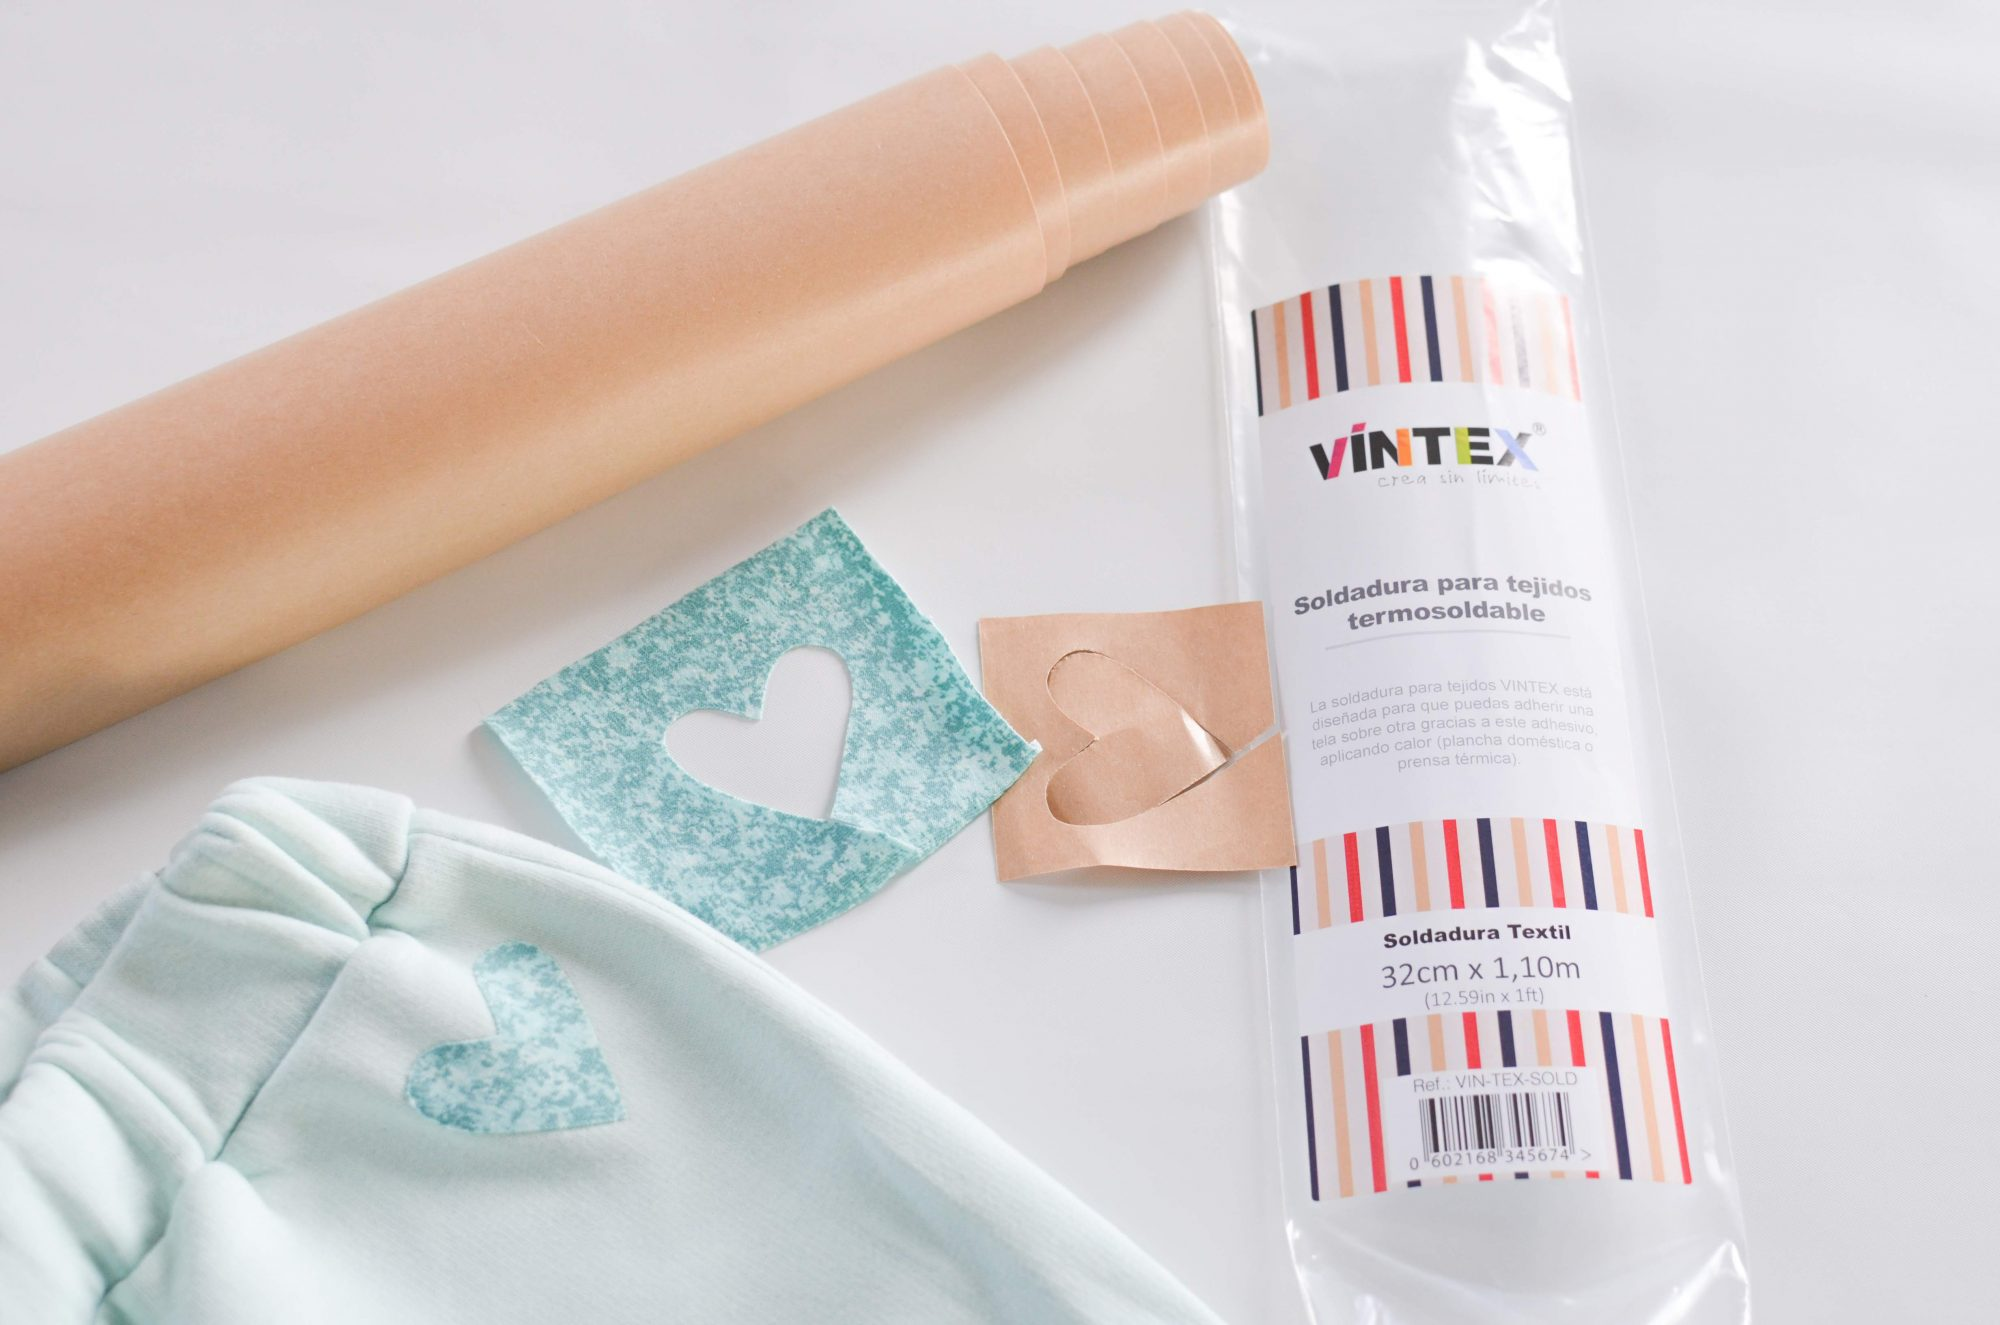 Decorar la ropa con apliques de tela – Parte III